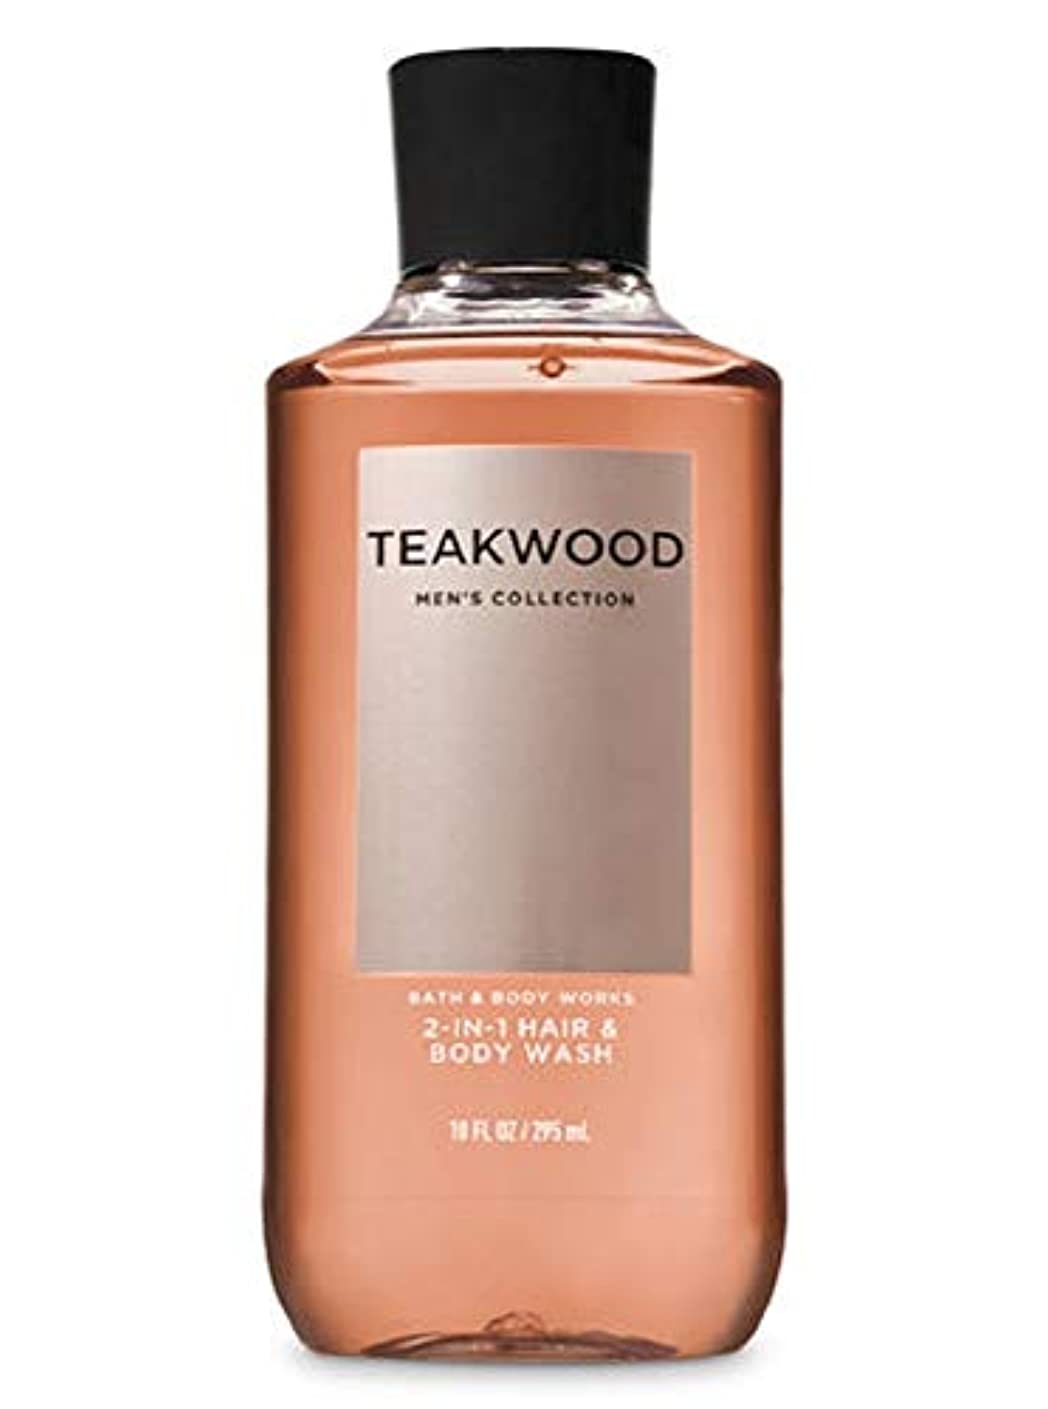 放射する地区聴覚【並行輸入品】Bath & Body Works TEAKWOOD 2-in-1 Hair + Body Wash